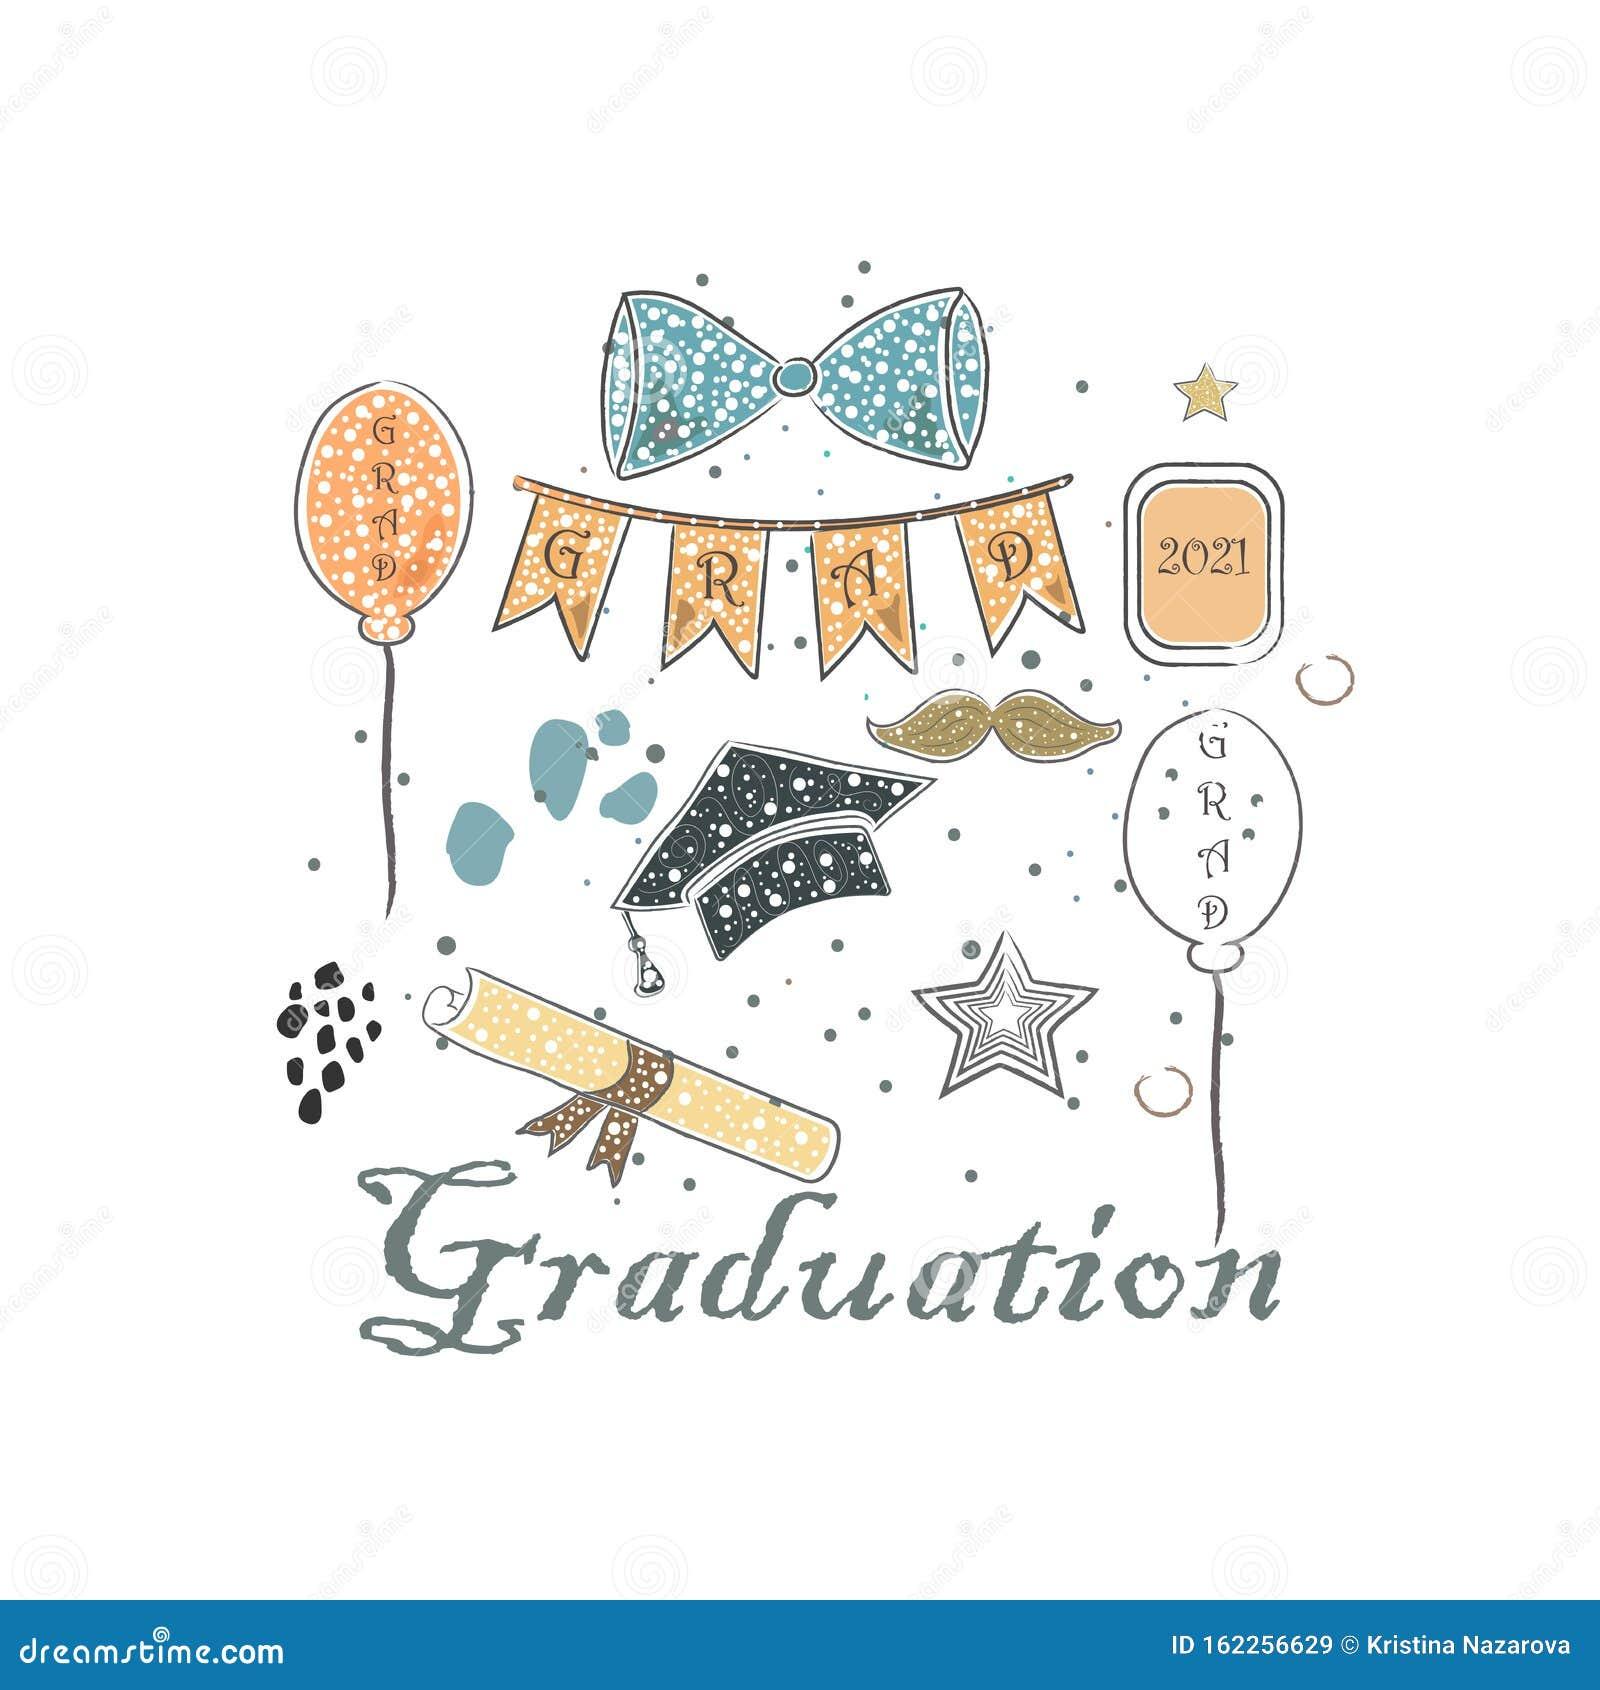 Forfait De Diplomes Style Scandinave Dessin A La Main Bouw Cravate Bouchon Illustration Stock Illustration Du Dessin Scandinave 162256629